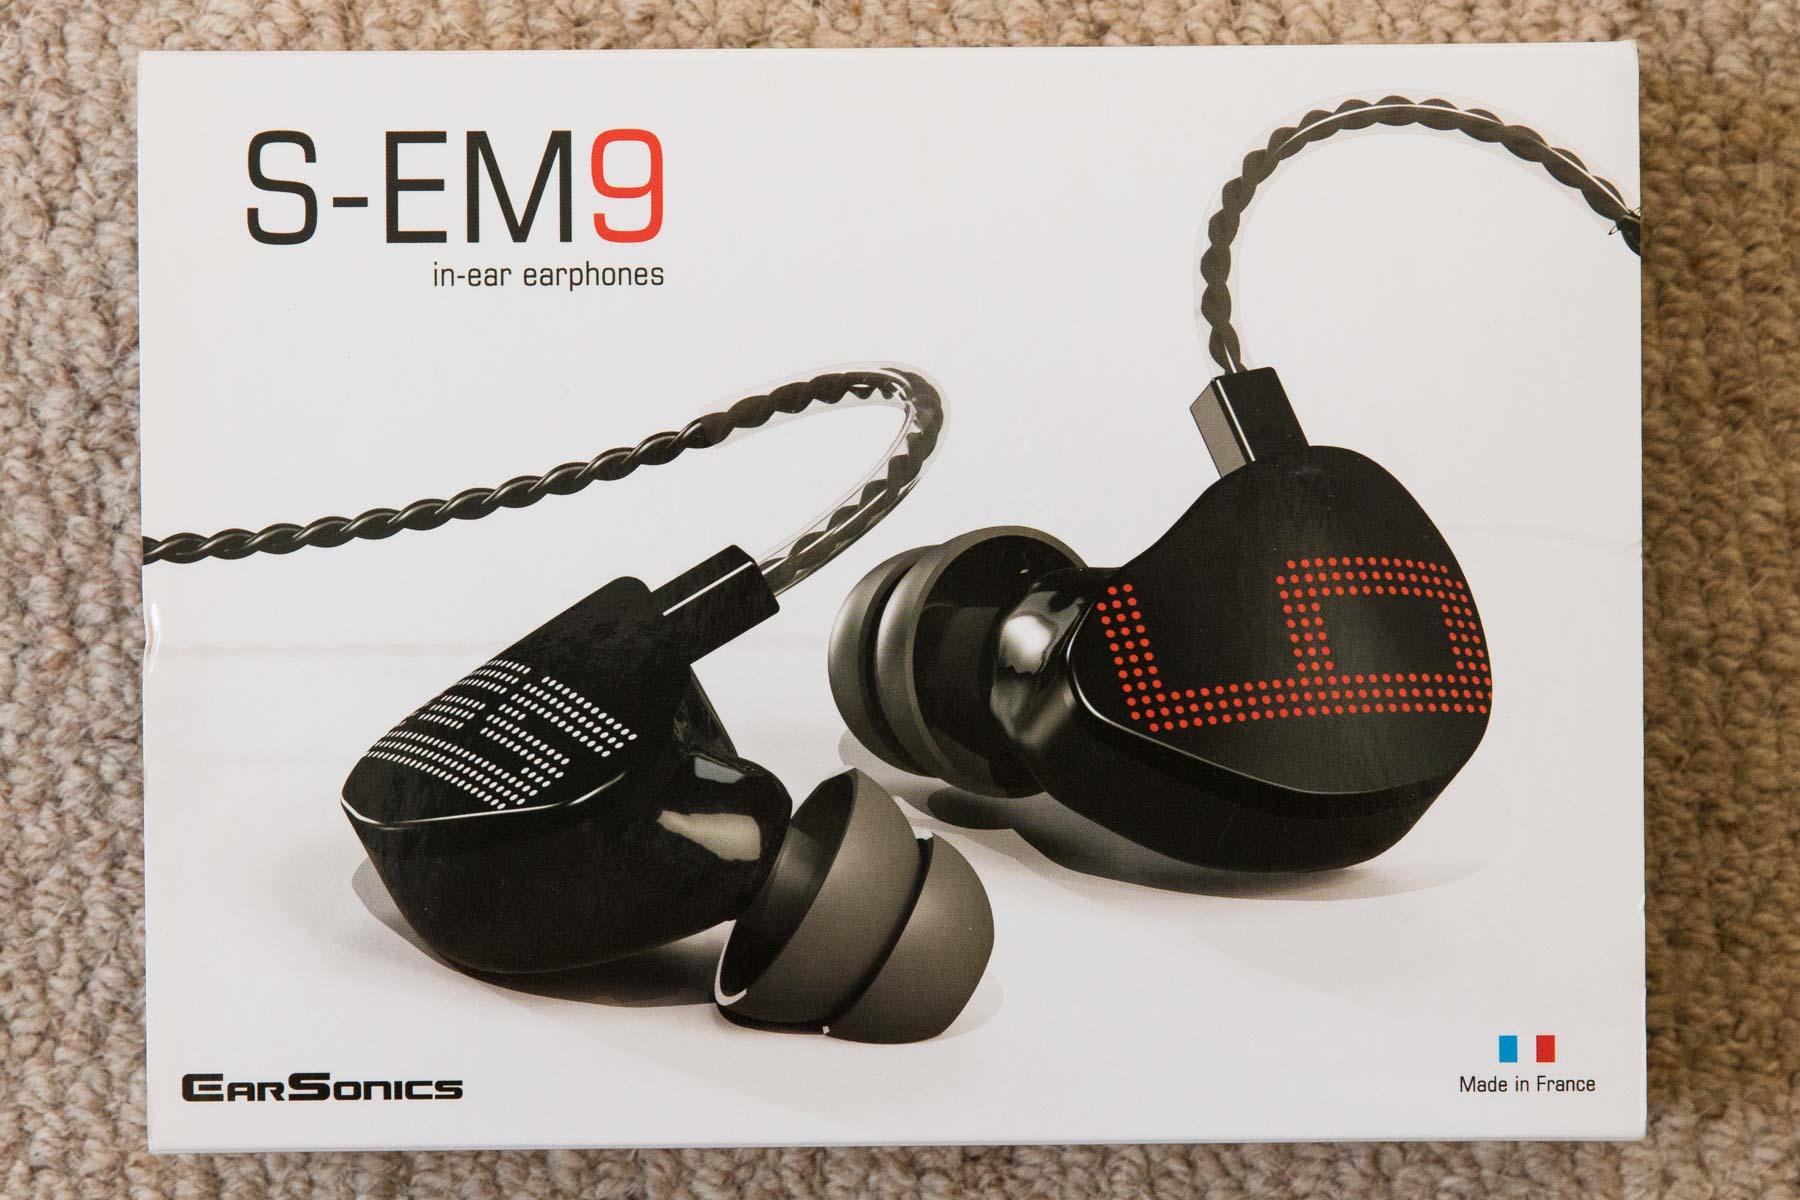 Earsonics S-EM9 earphonesEarsonics S-EM9_2.jpg